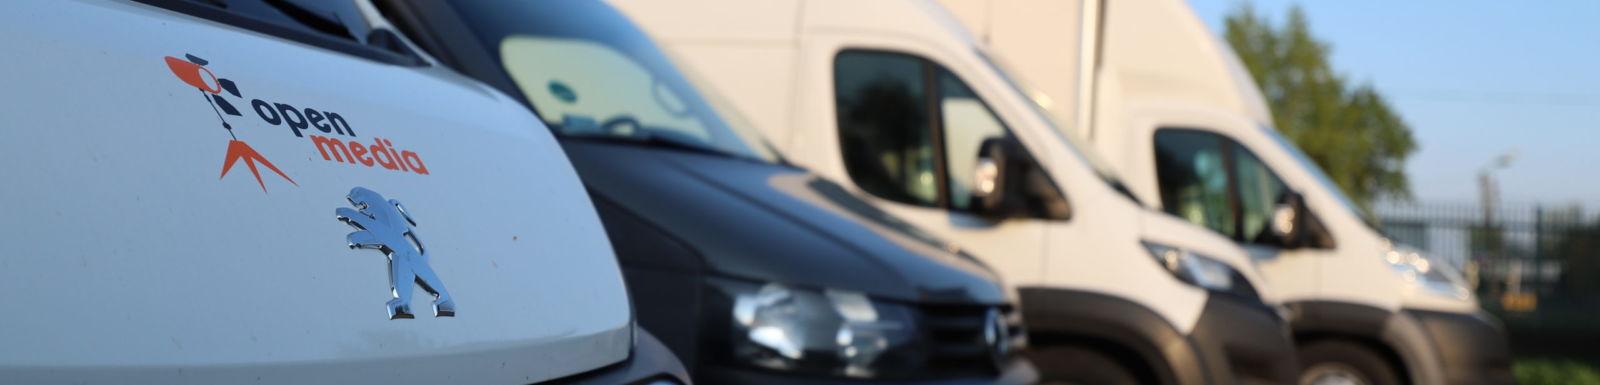 Posiadamy na wynajem w pełni wyposażone, zabudowane samochody przystosowane do przewozu sprzętu oświetleniowego, kamerowego i dźwiękowego.